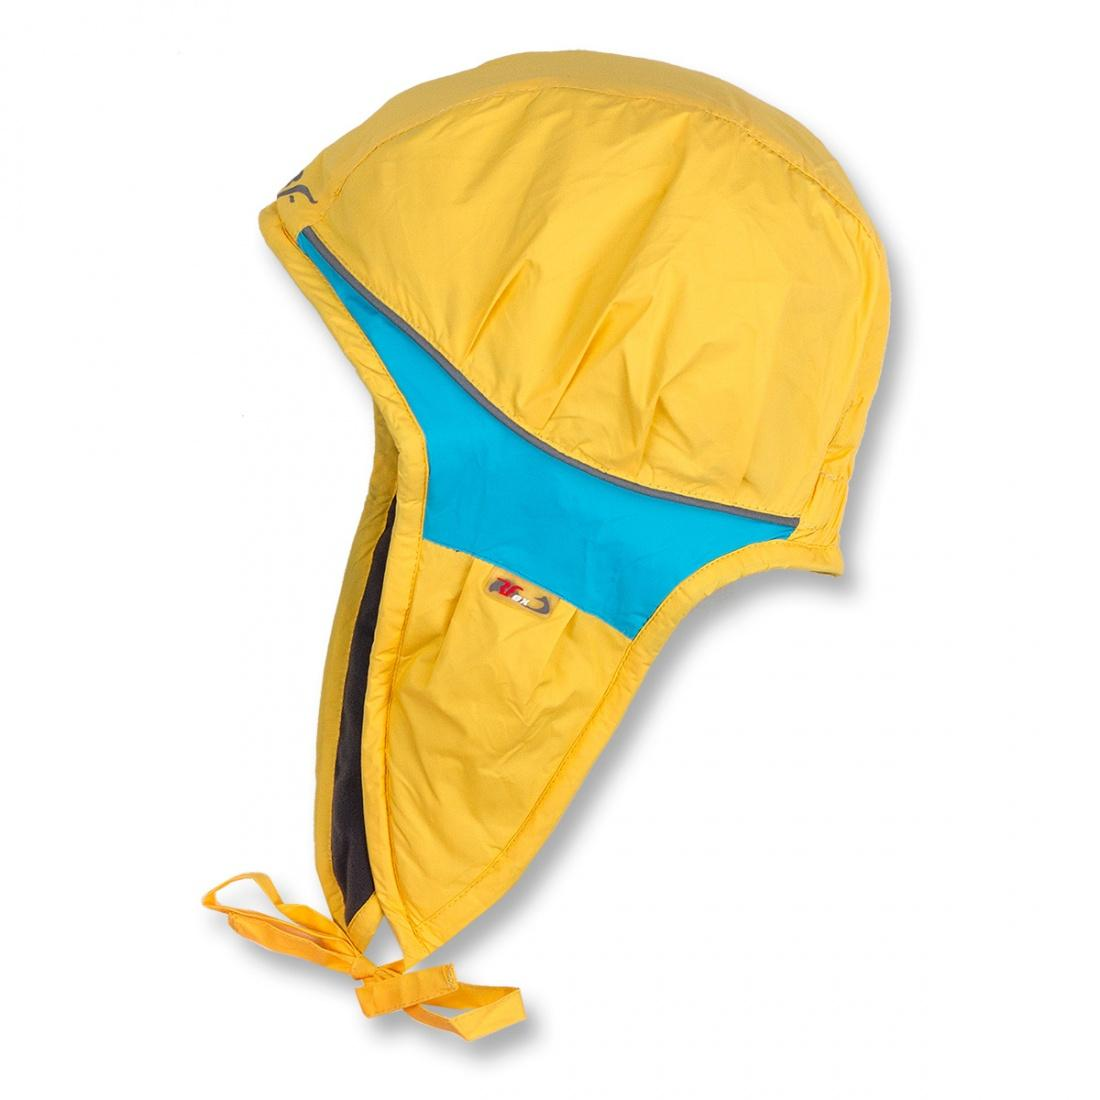 Шапка детская TressУшанки<br><br> Яркая контрастная шапочка прекрасно выделяет ребенка из толпы.<br><br> <br><br><br><br> Основной материал – Dry Factor 1000.<br><br> <br><br><br> Утеп...<br><br>Цвет: Бирюзовый<br>Размер: L